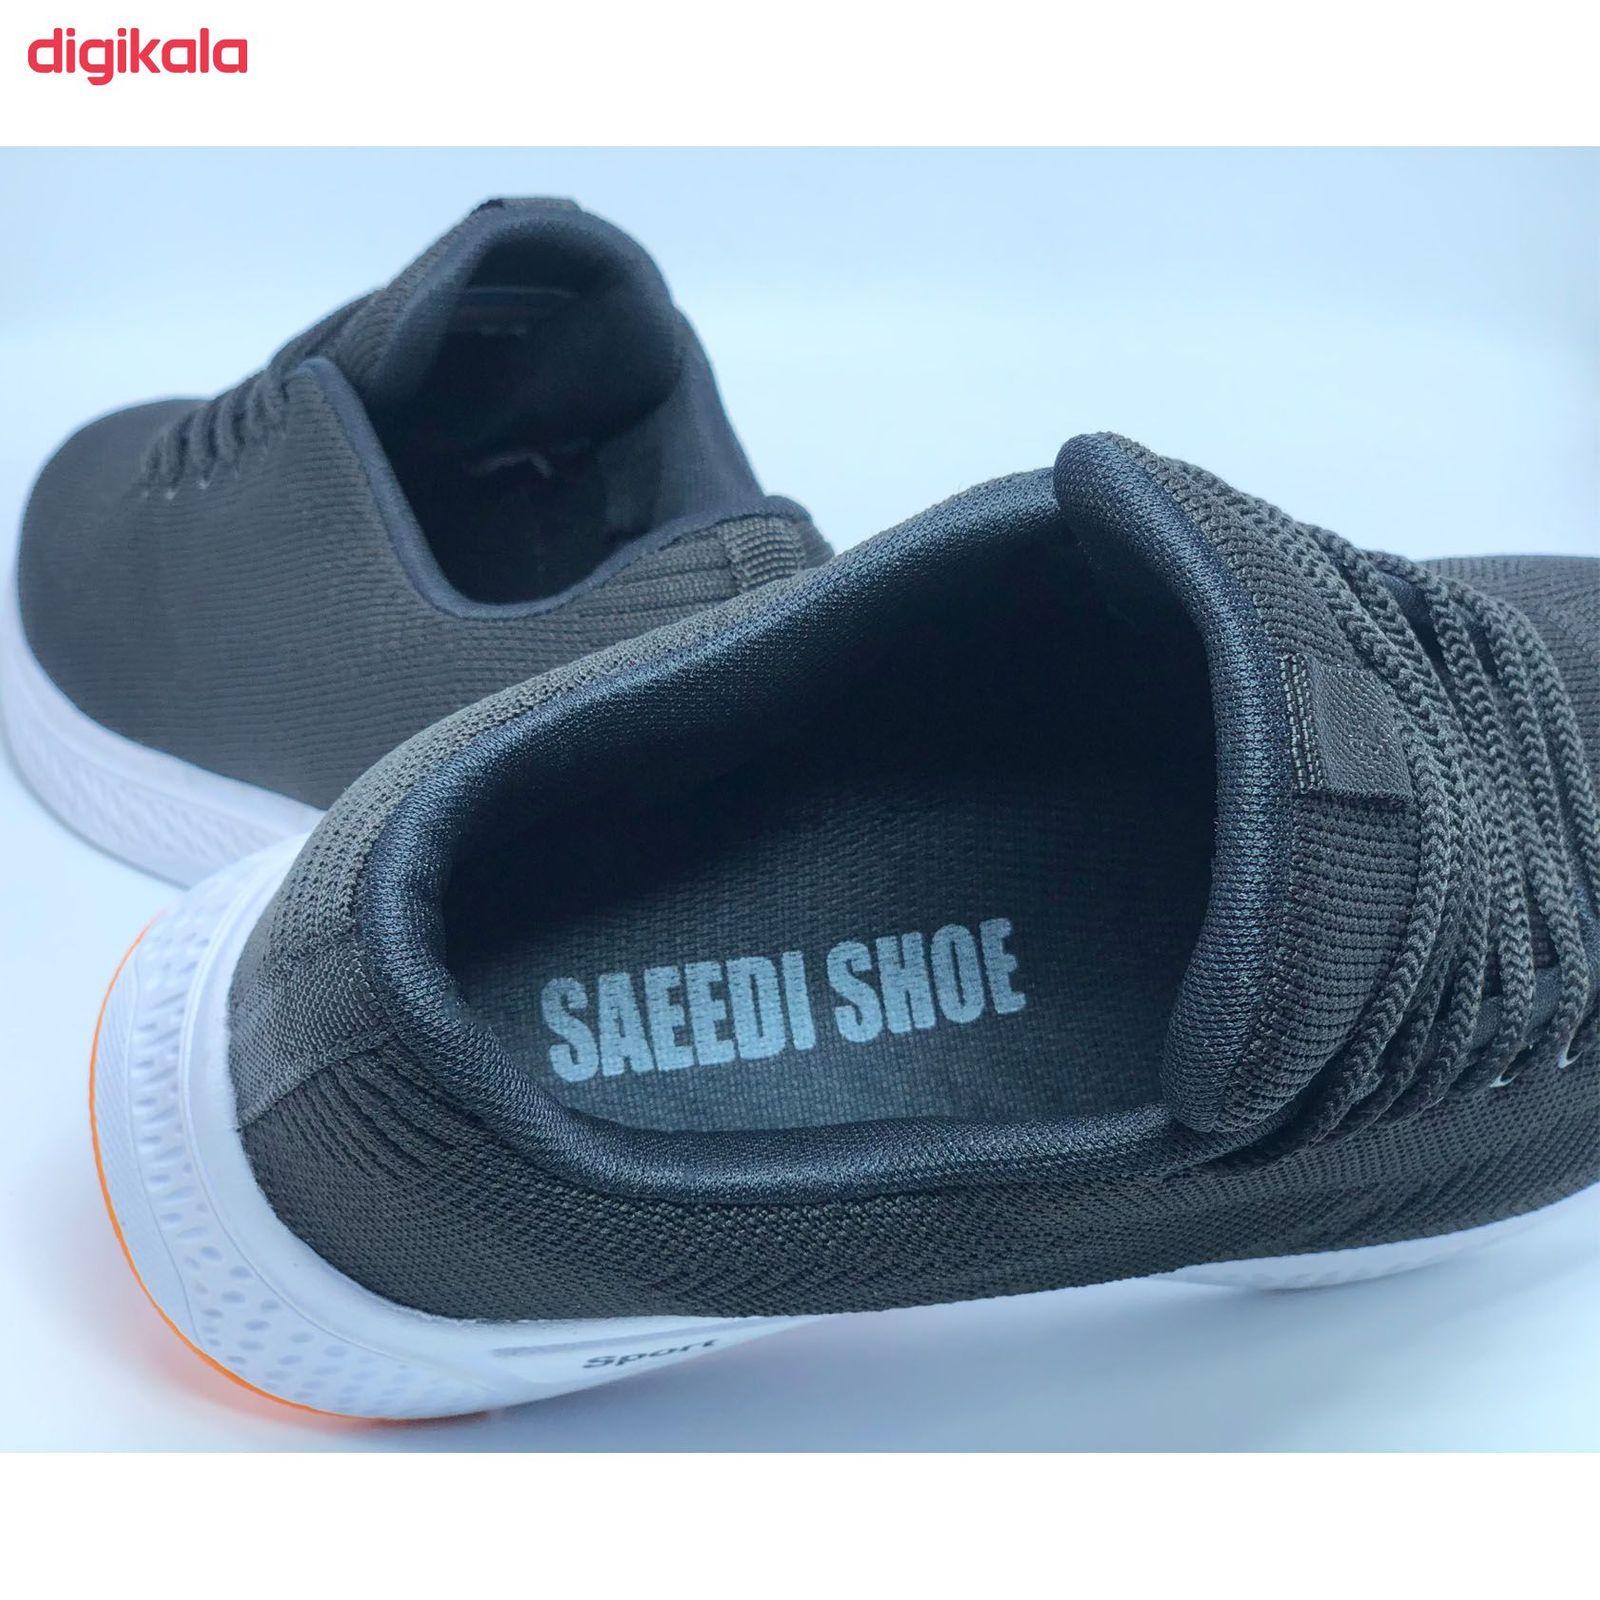 کفش مخصوص پیاده روی مردانه کفش سعیدی کد MU110 main 1 9